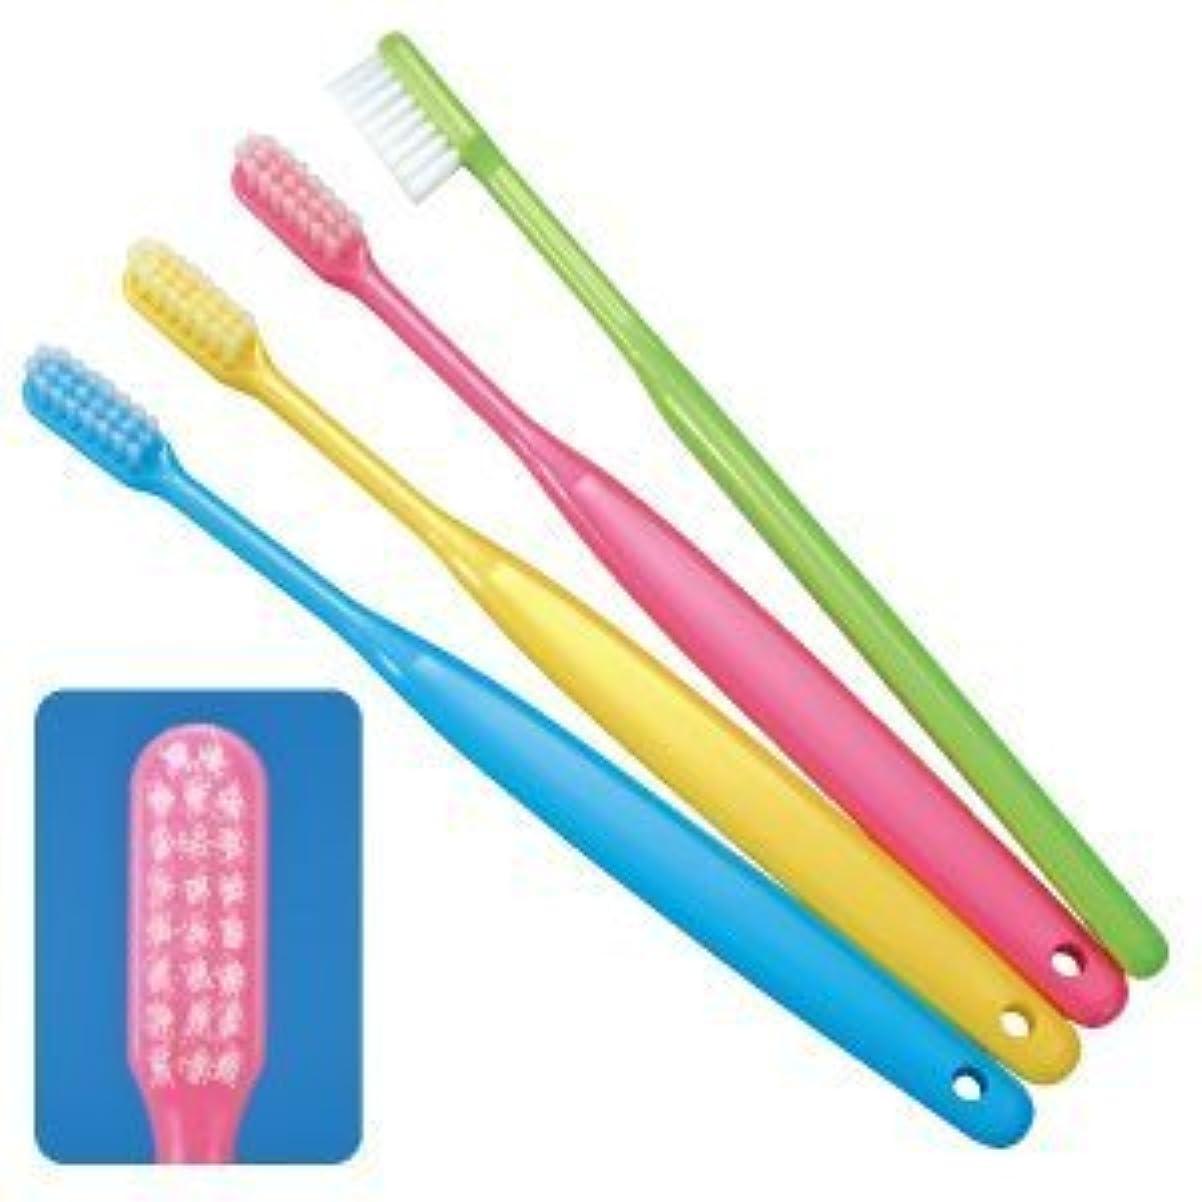 紀元前発生する技術Ci バリュー歯ブラシ Mふつう ピンク 50本入り